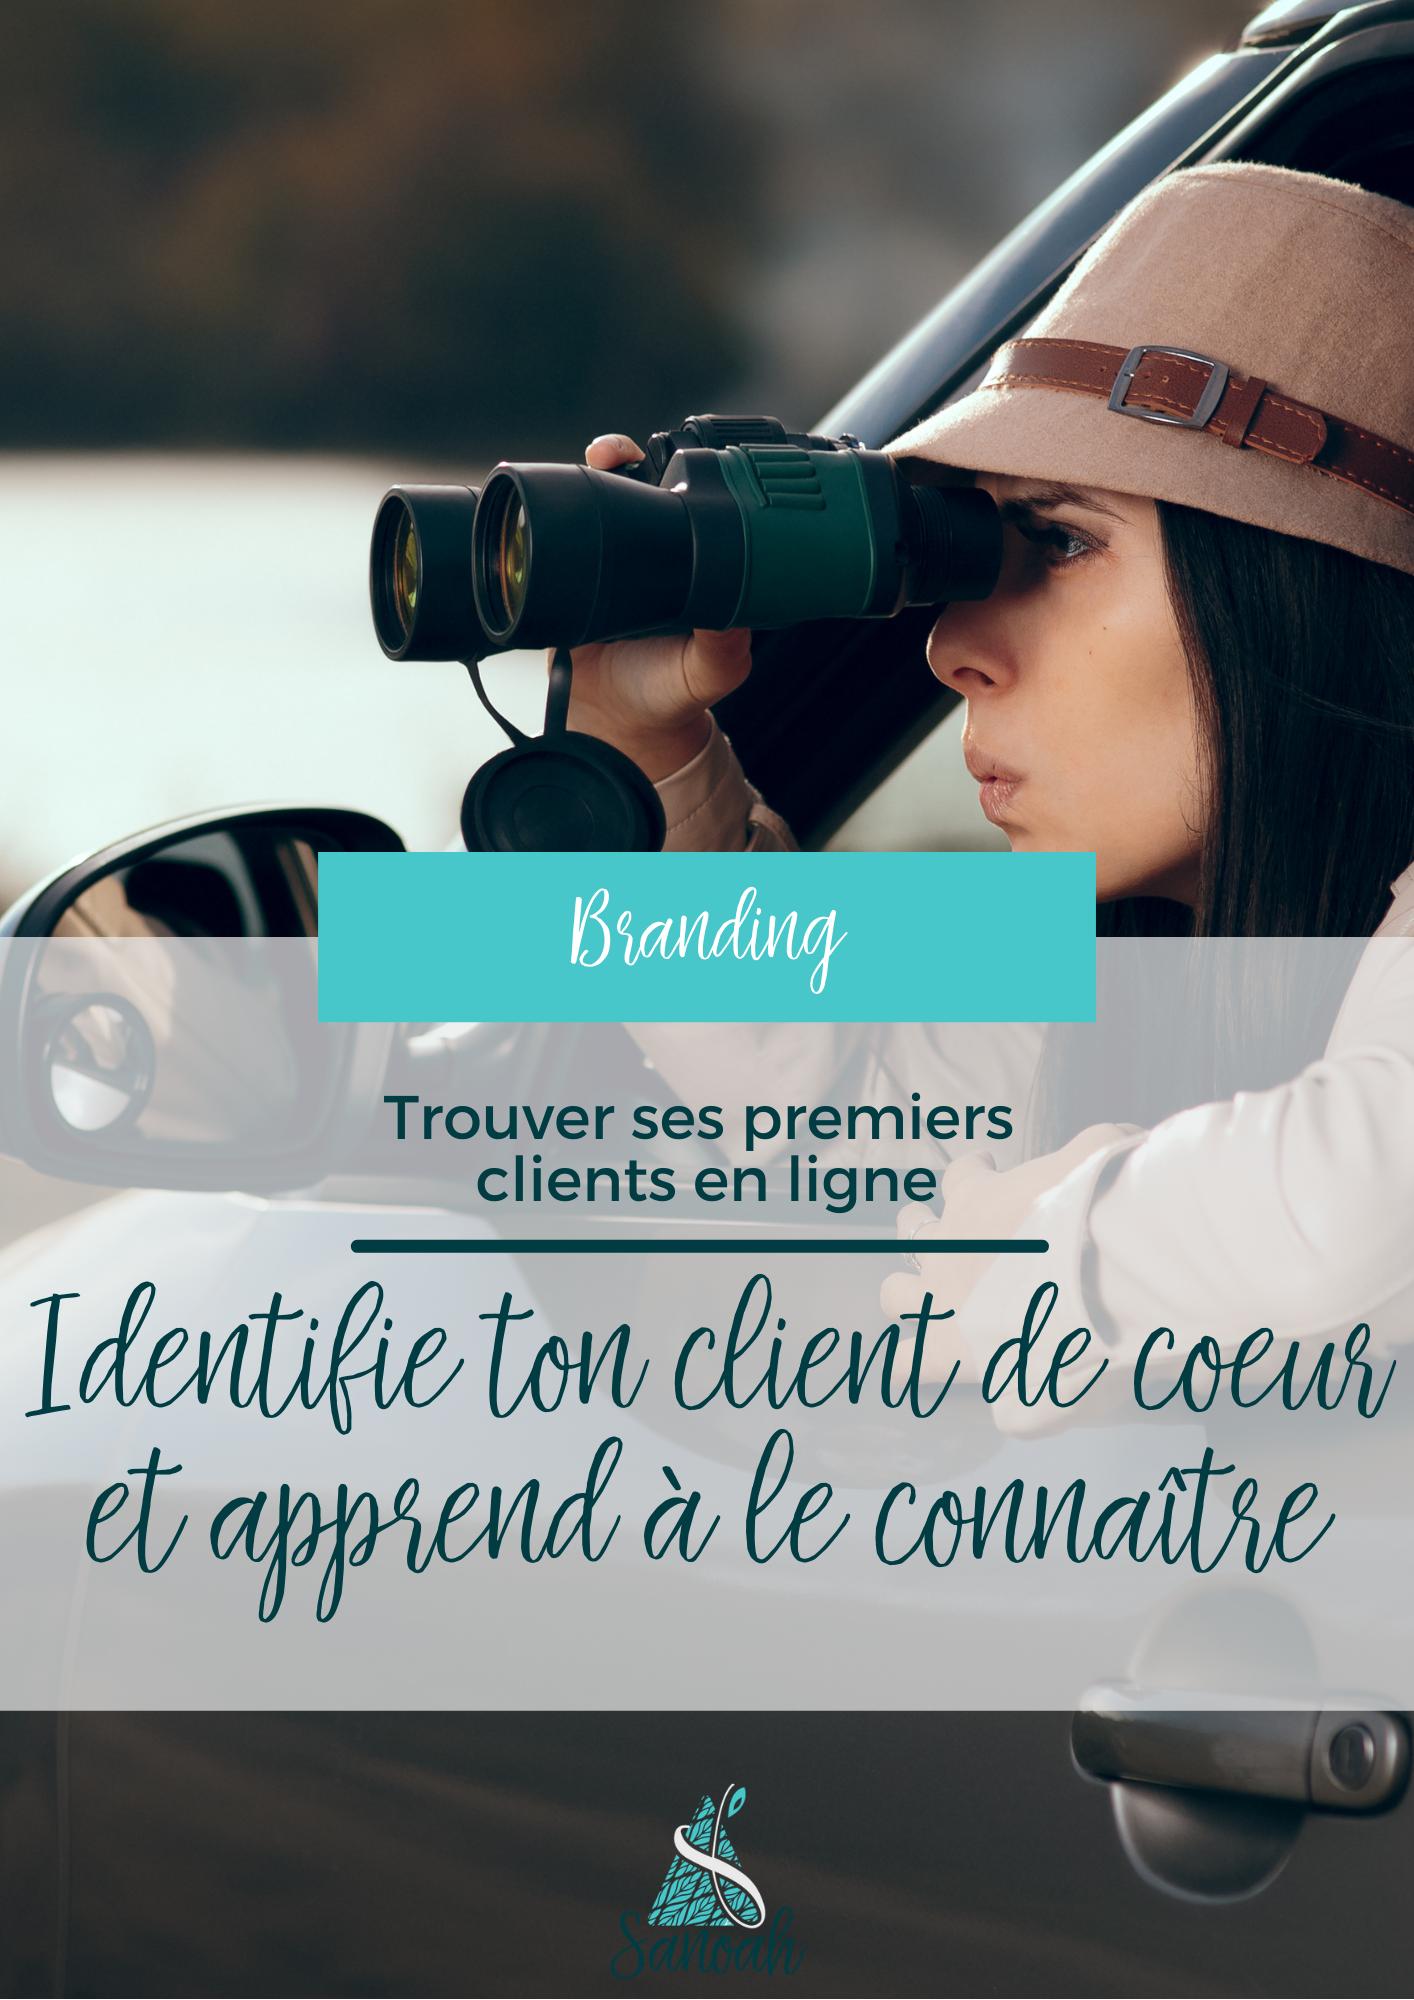 Trouver ses premiers clients en ligne _ Identifie ton client de cœur et apprend à le connaître